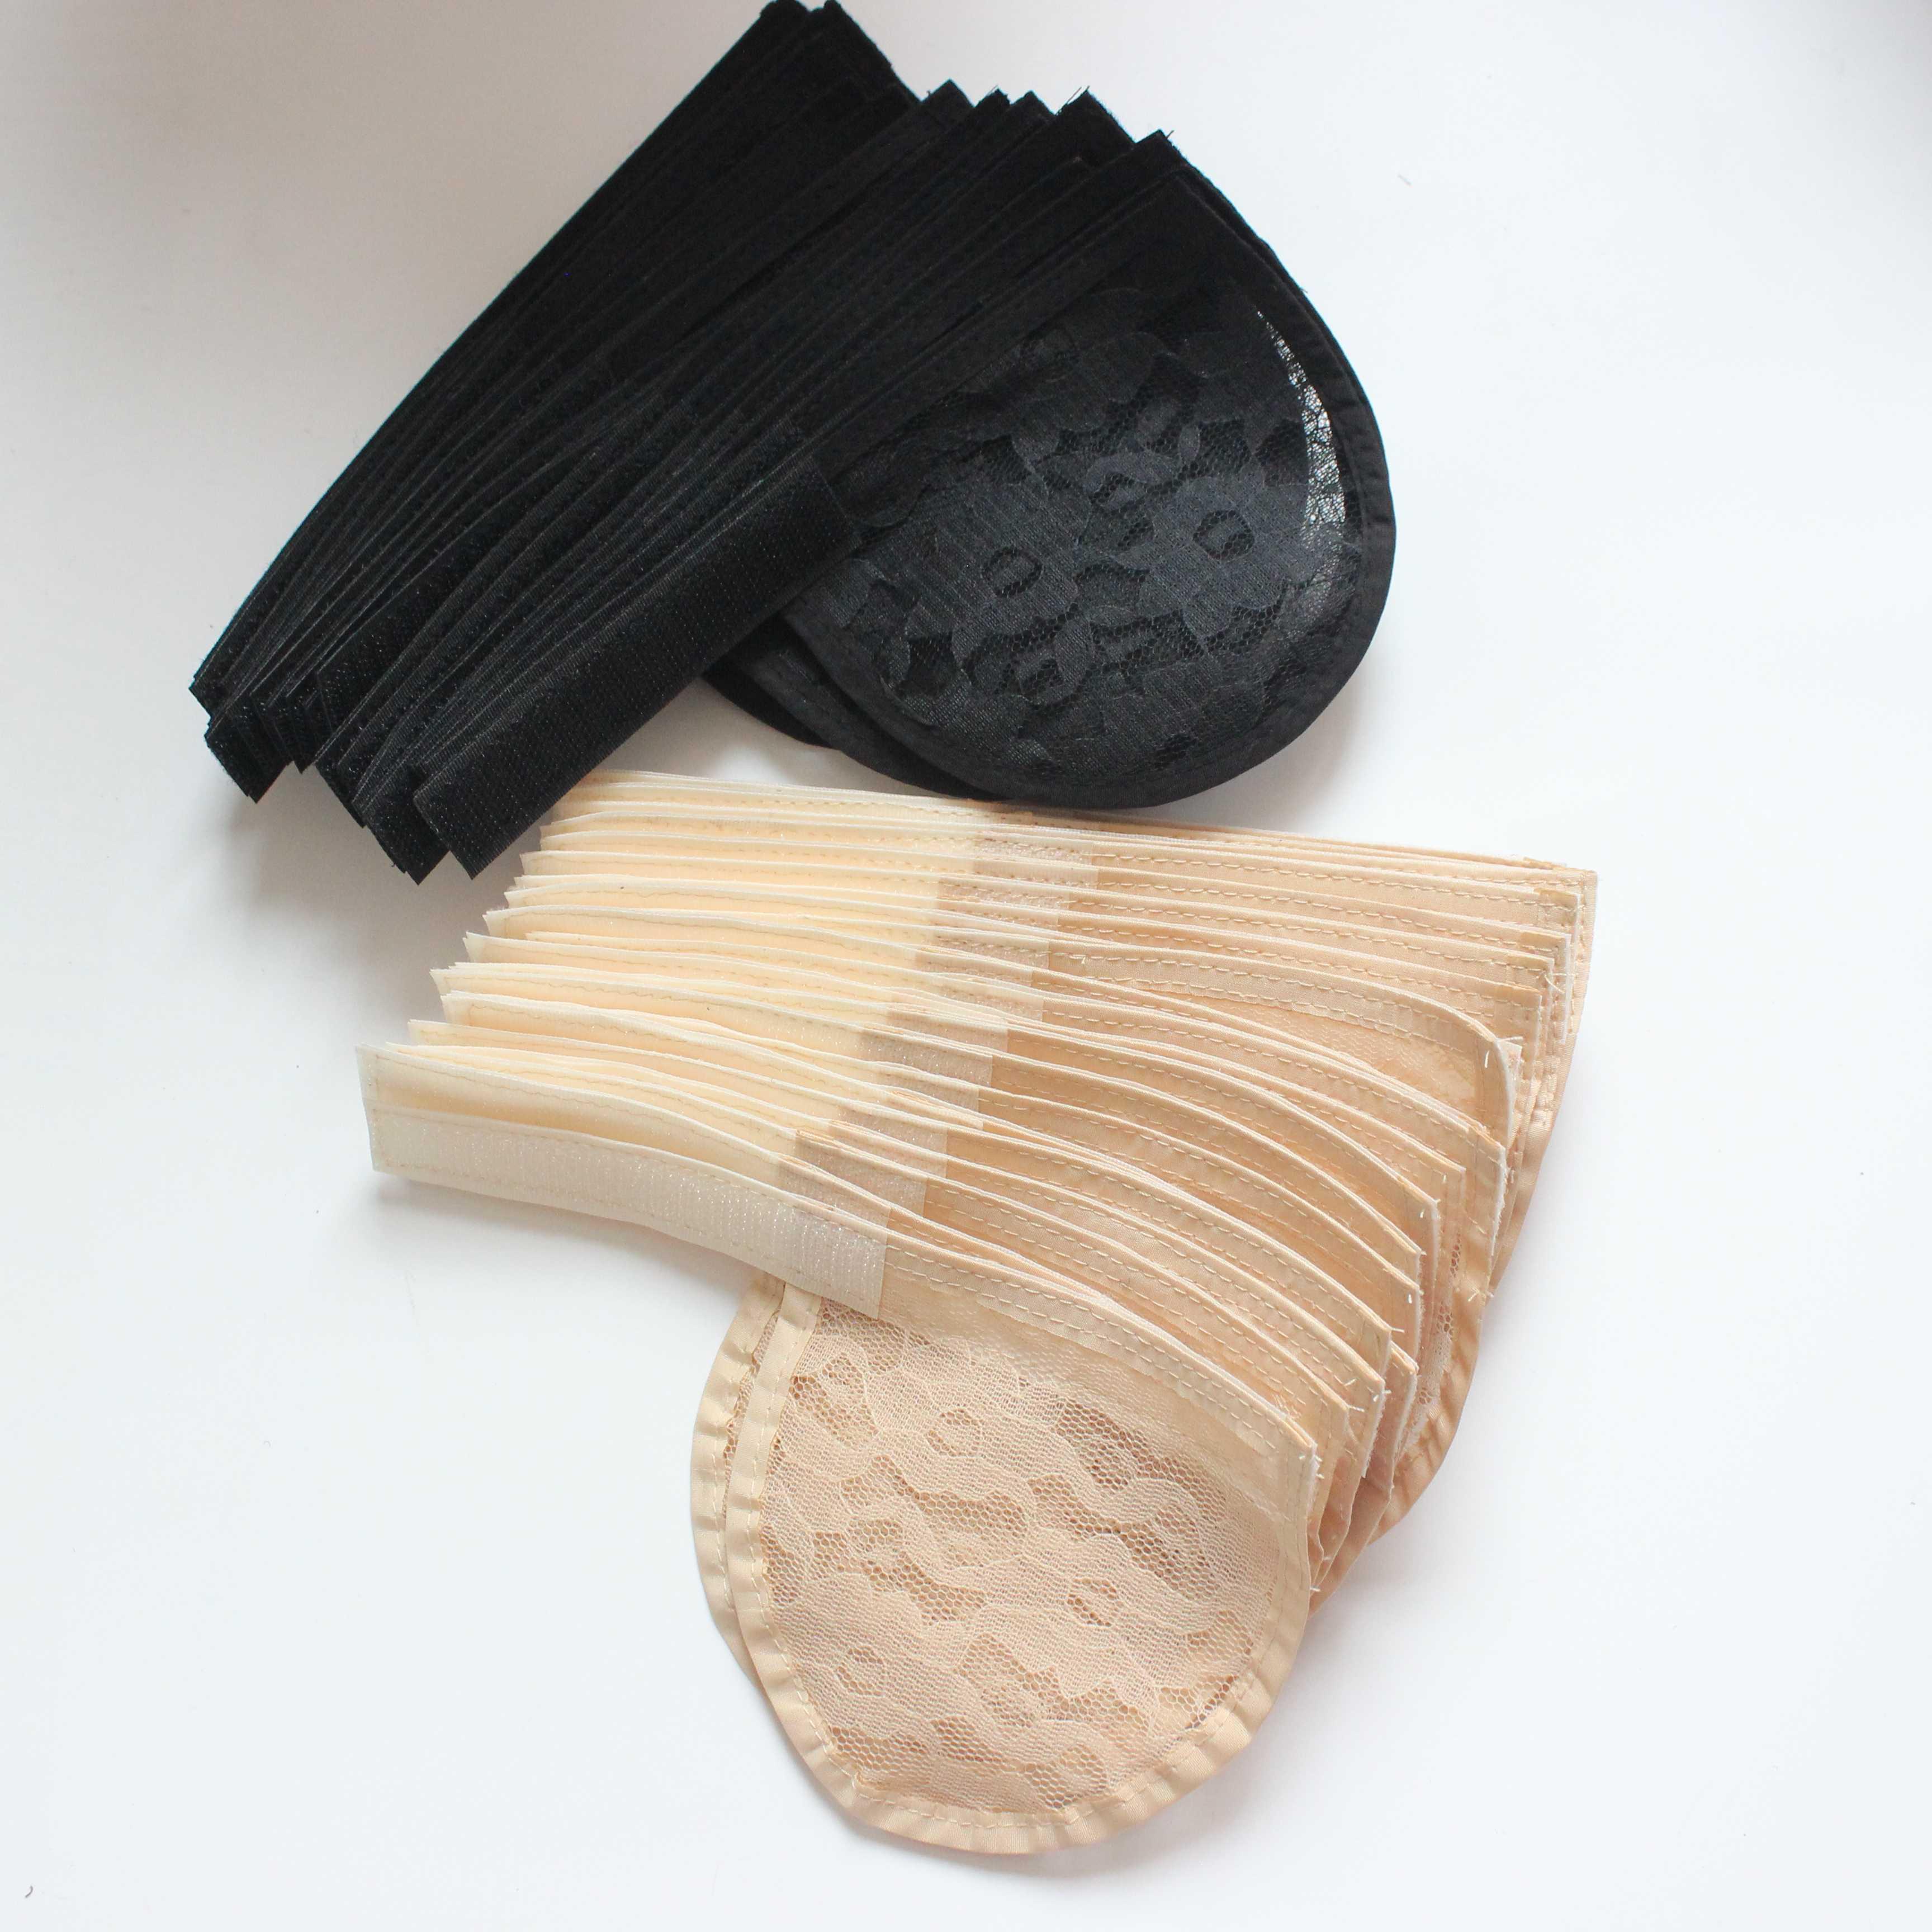 5 piezas de red para el cabello que hace la Peluca de cola de caballo correa ajustable en la parte trasera de la gorra de tejido sin pegamento tapa de la peluca de buena calidad